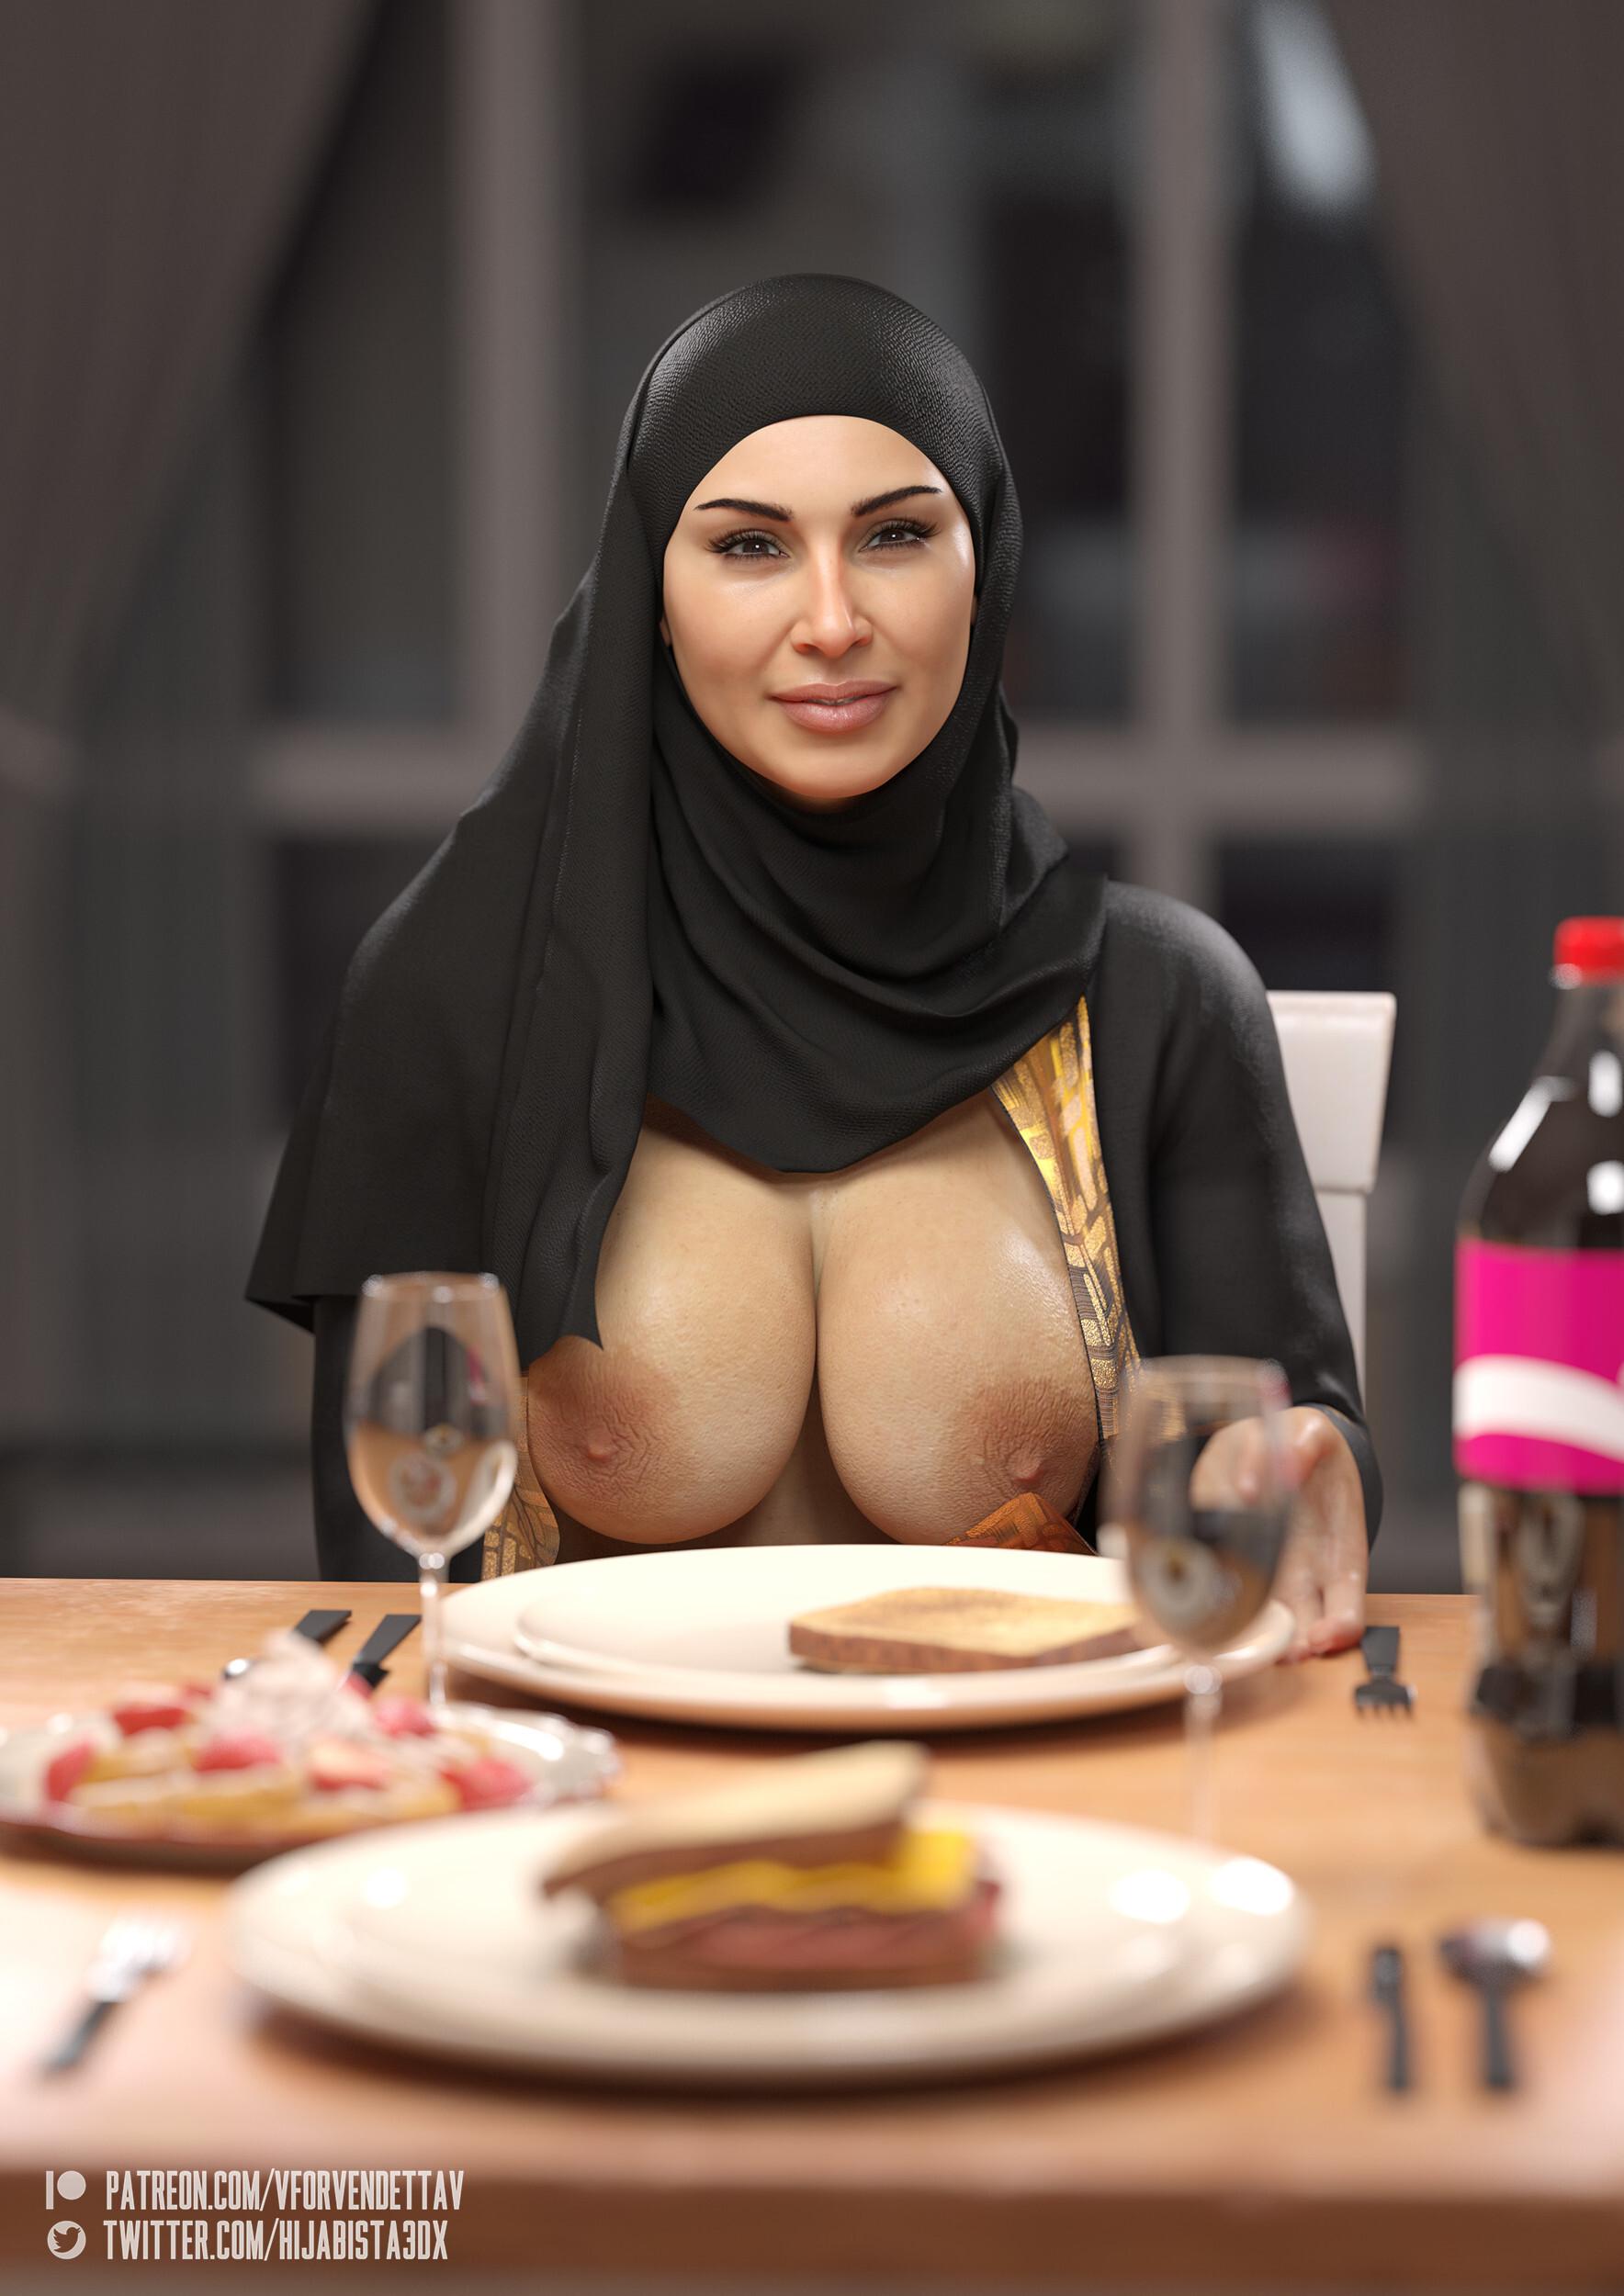 Hijab Milf Breaking Fast